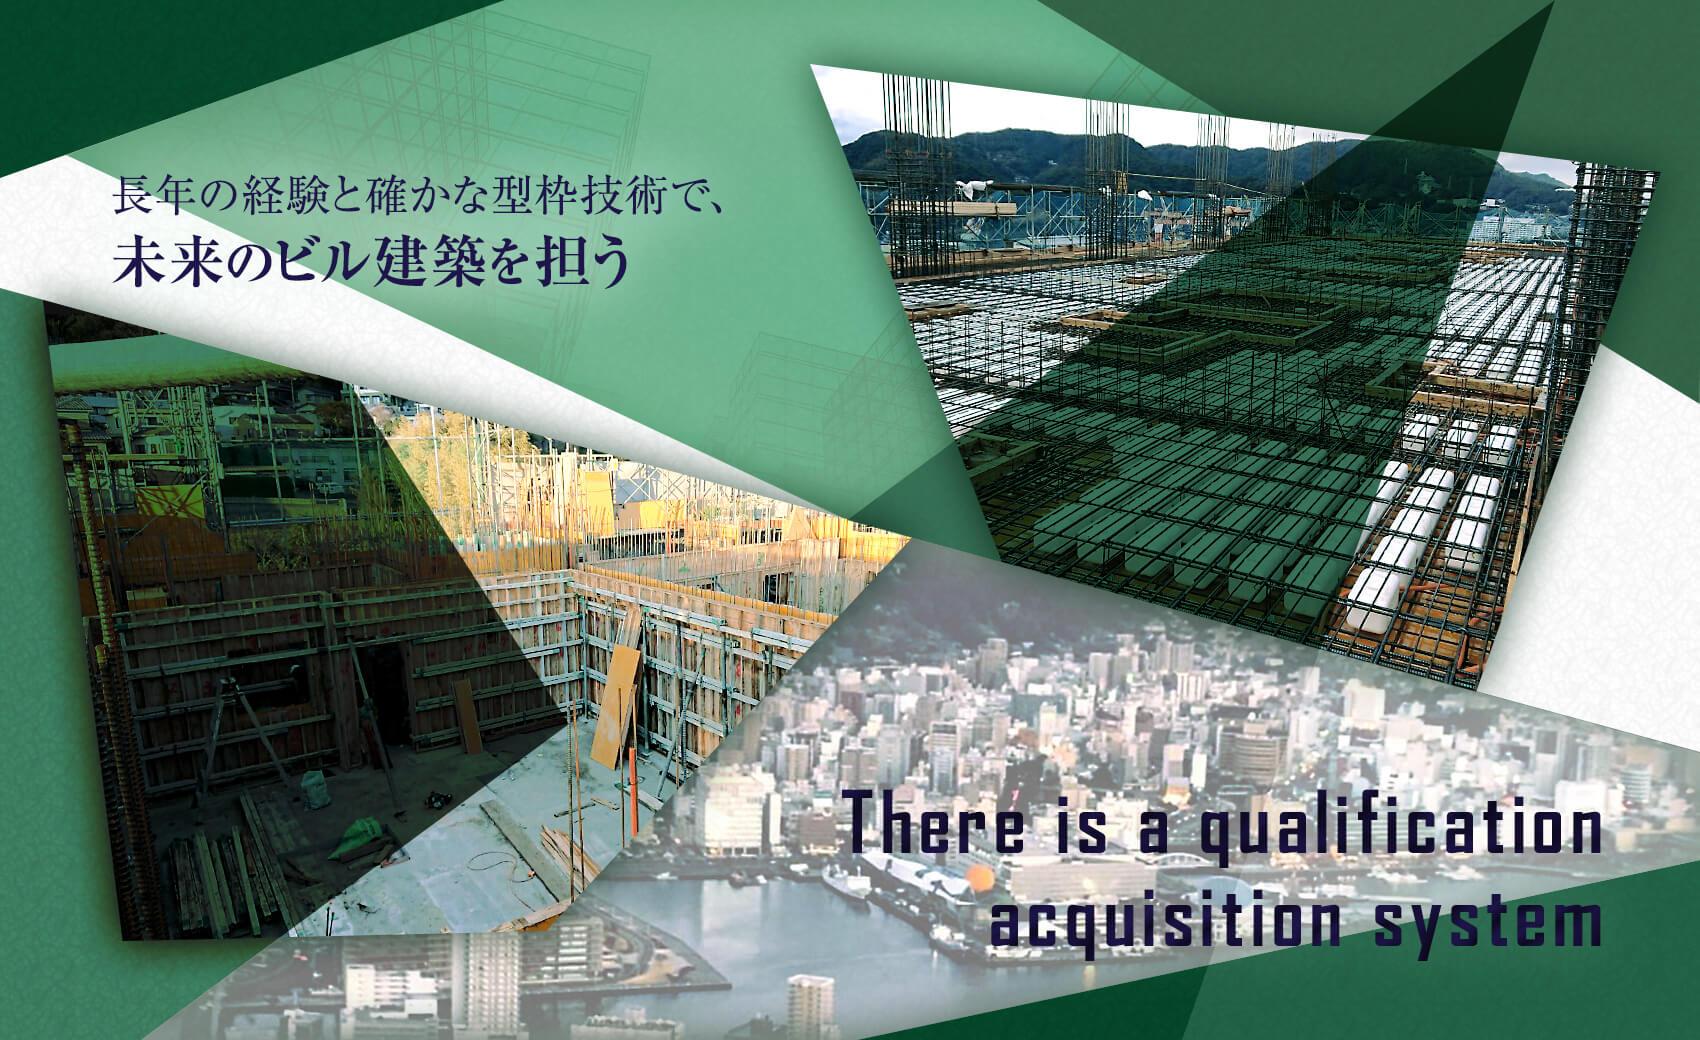 長年の経験と確かな型枠技術で、未来のビル建築を担う